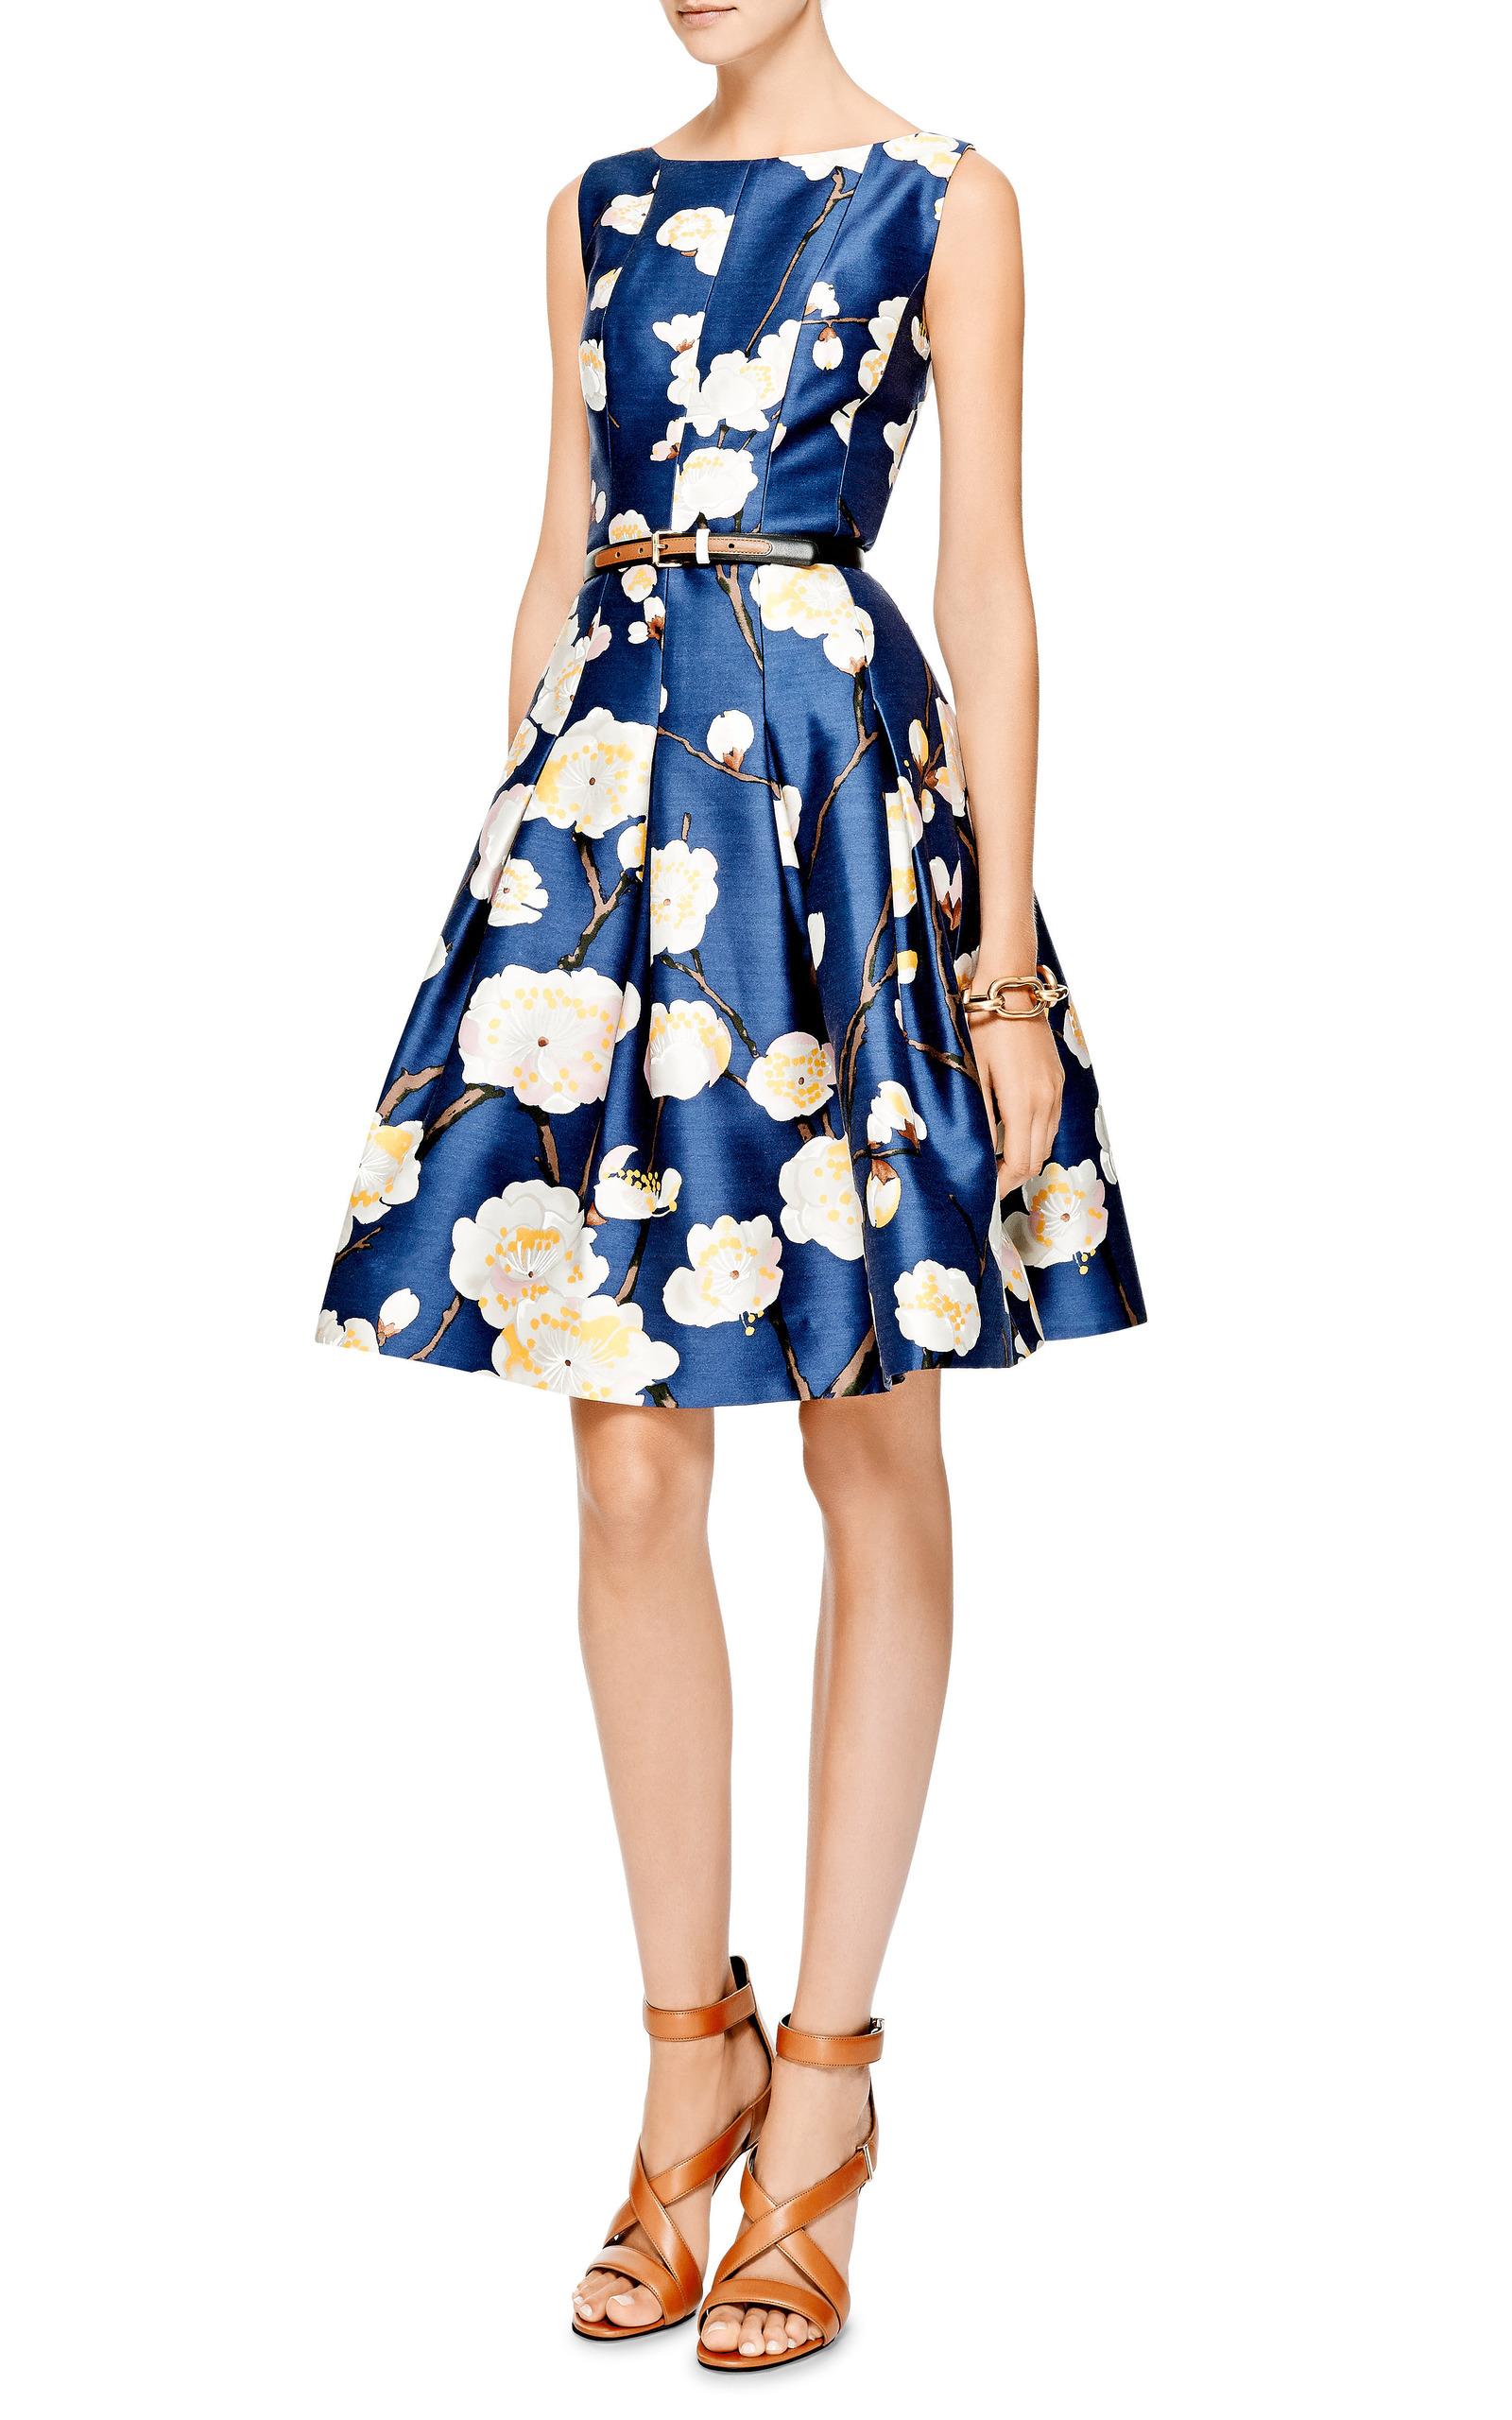 47bc3632d4 Oscar de la RentaFloral-Print Silk-Blend Dress. CLOSE. Loading